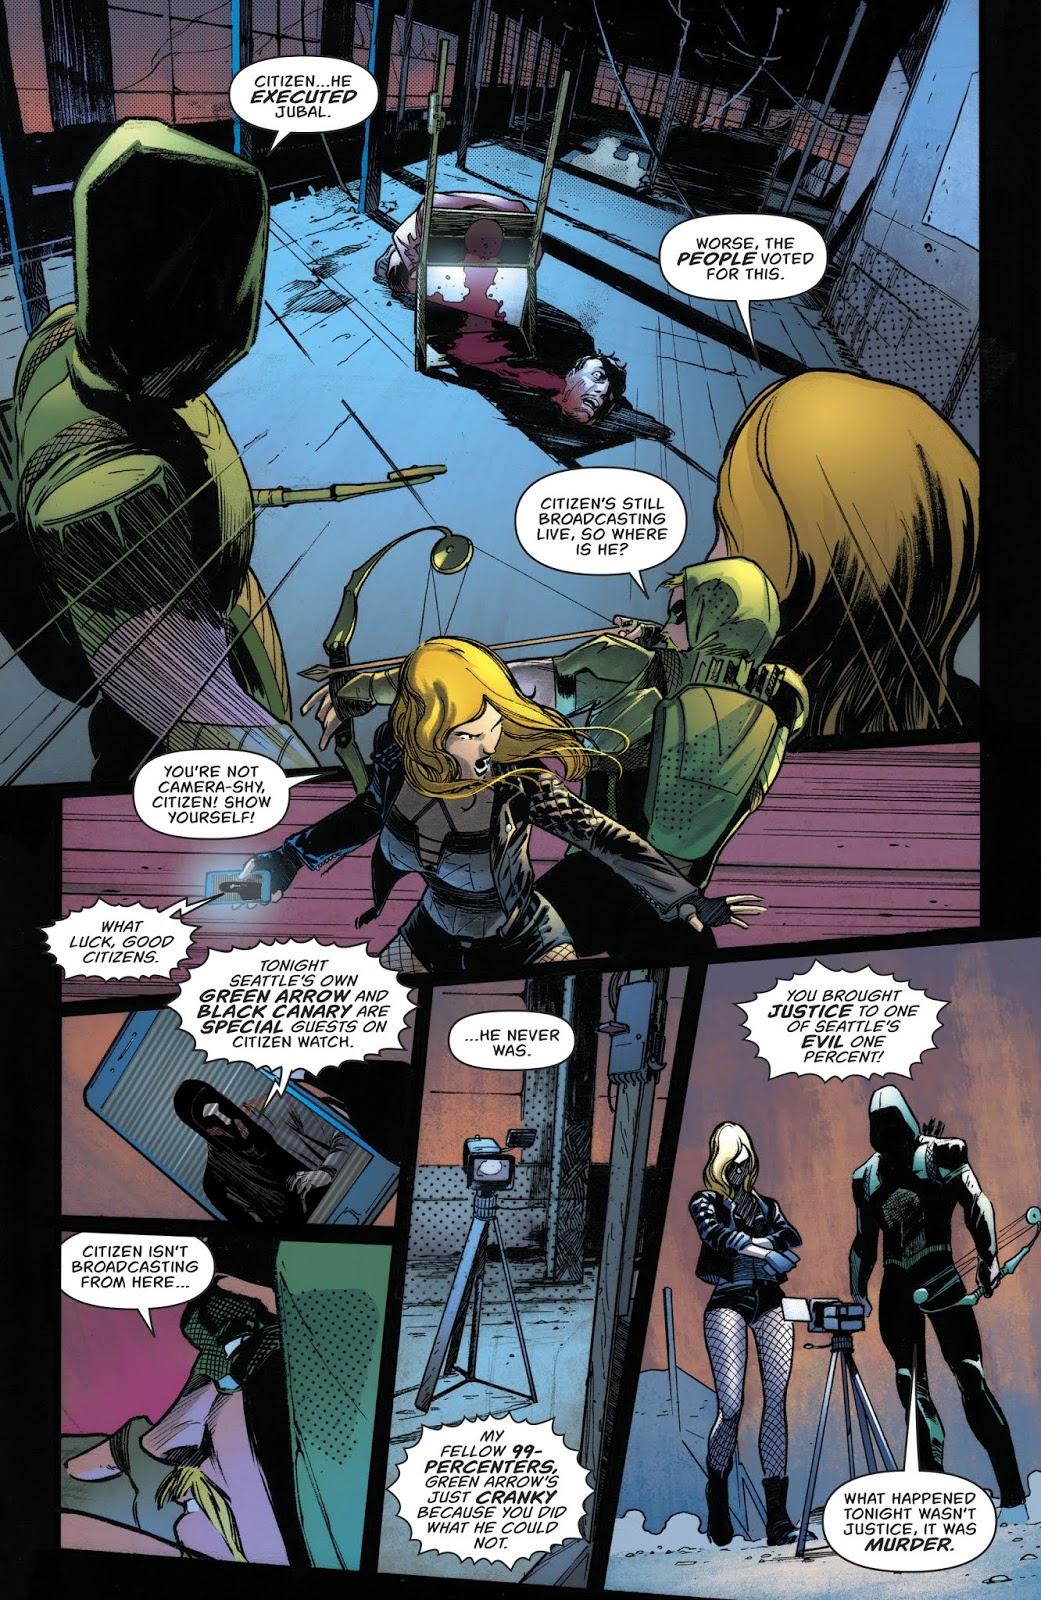 Citizen's First Apperance (Green Arrow Vol. 6 #43)